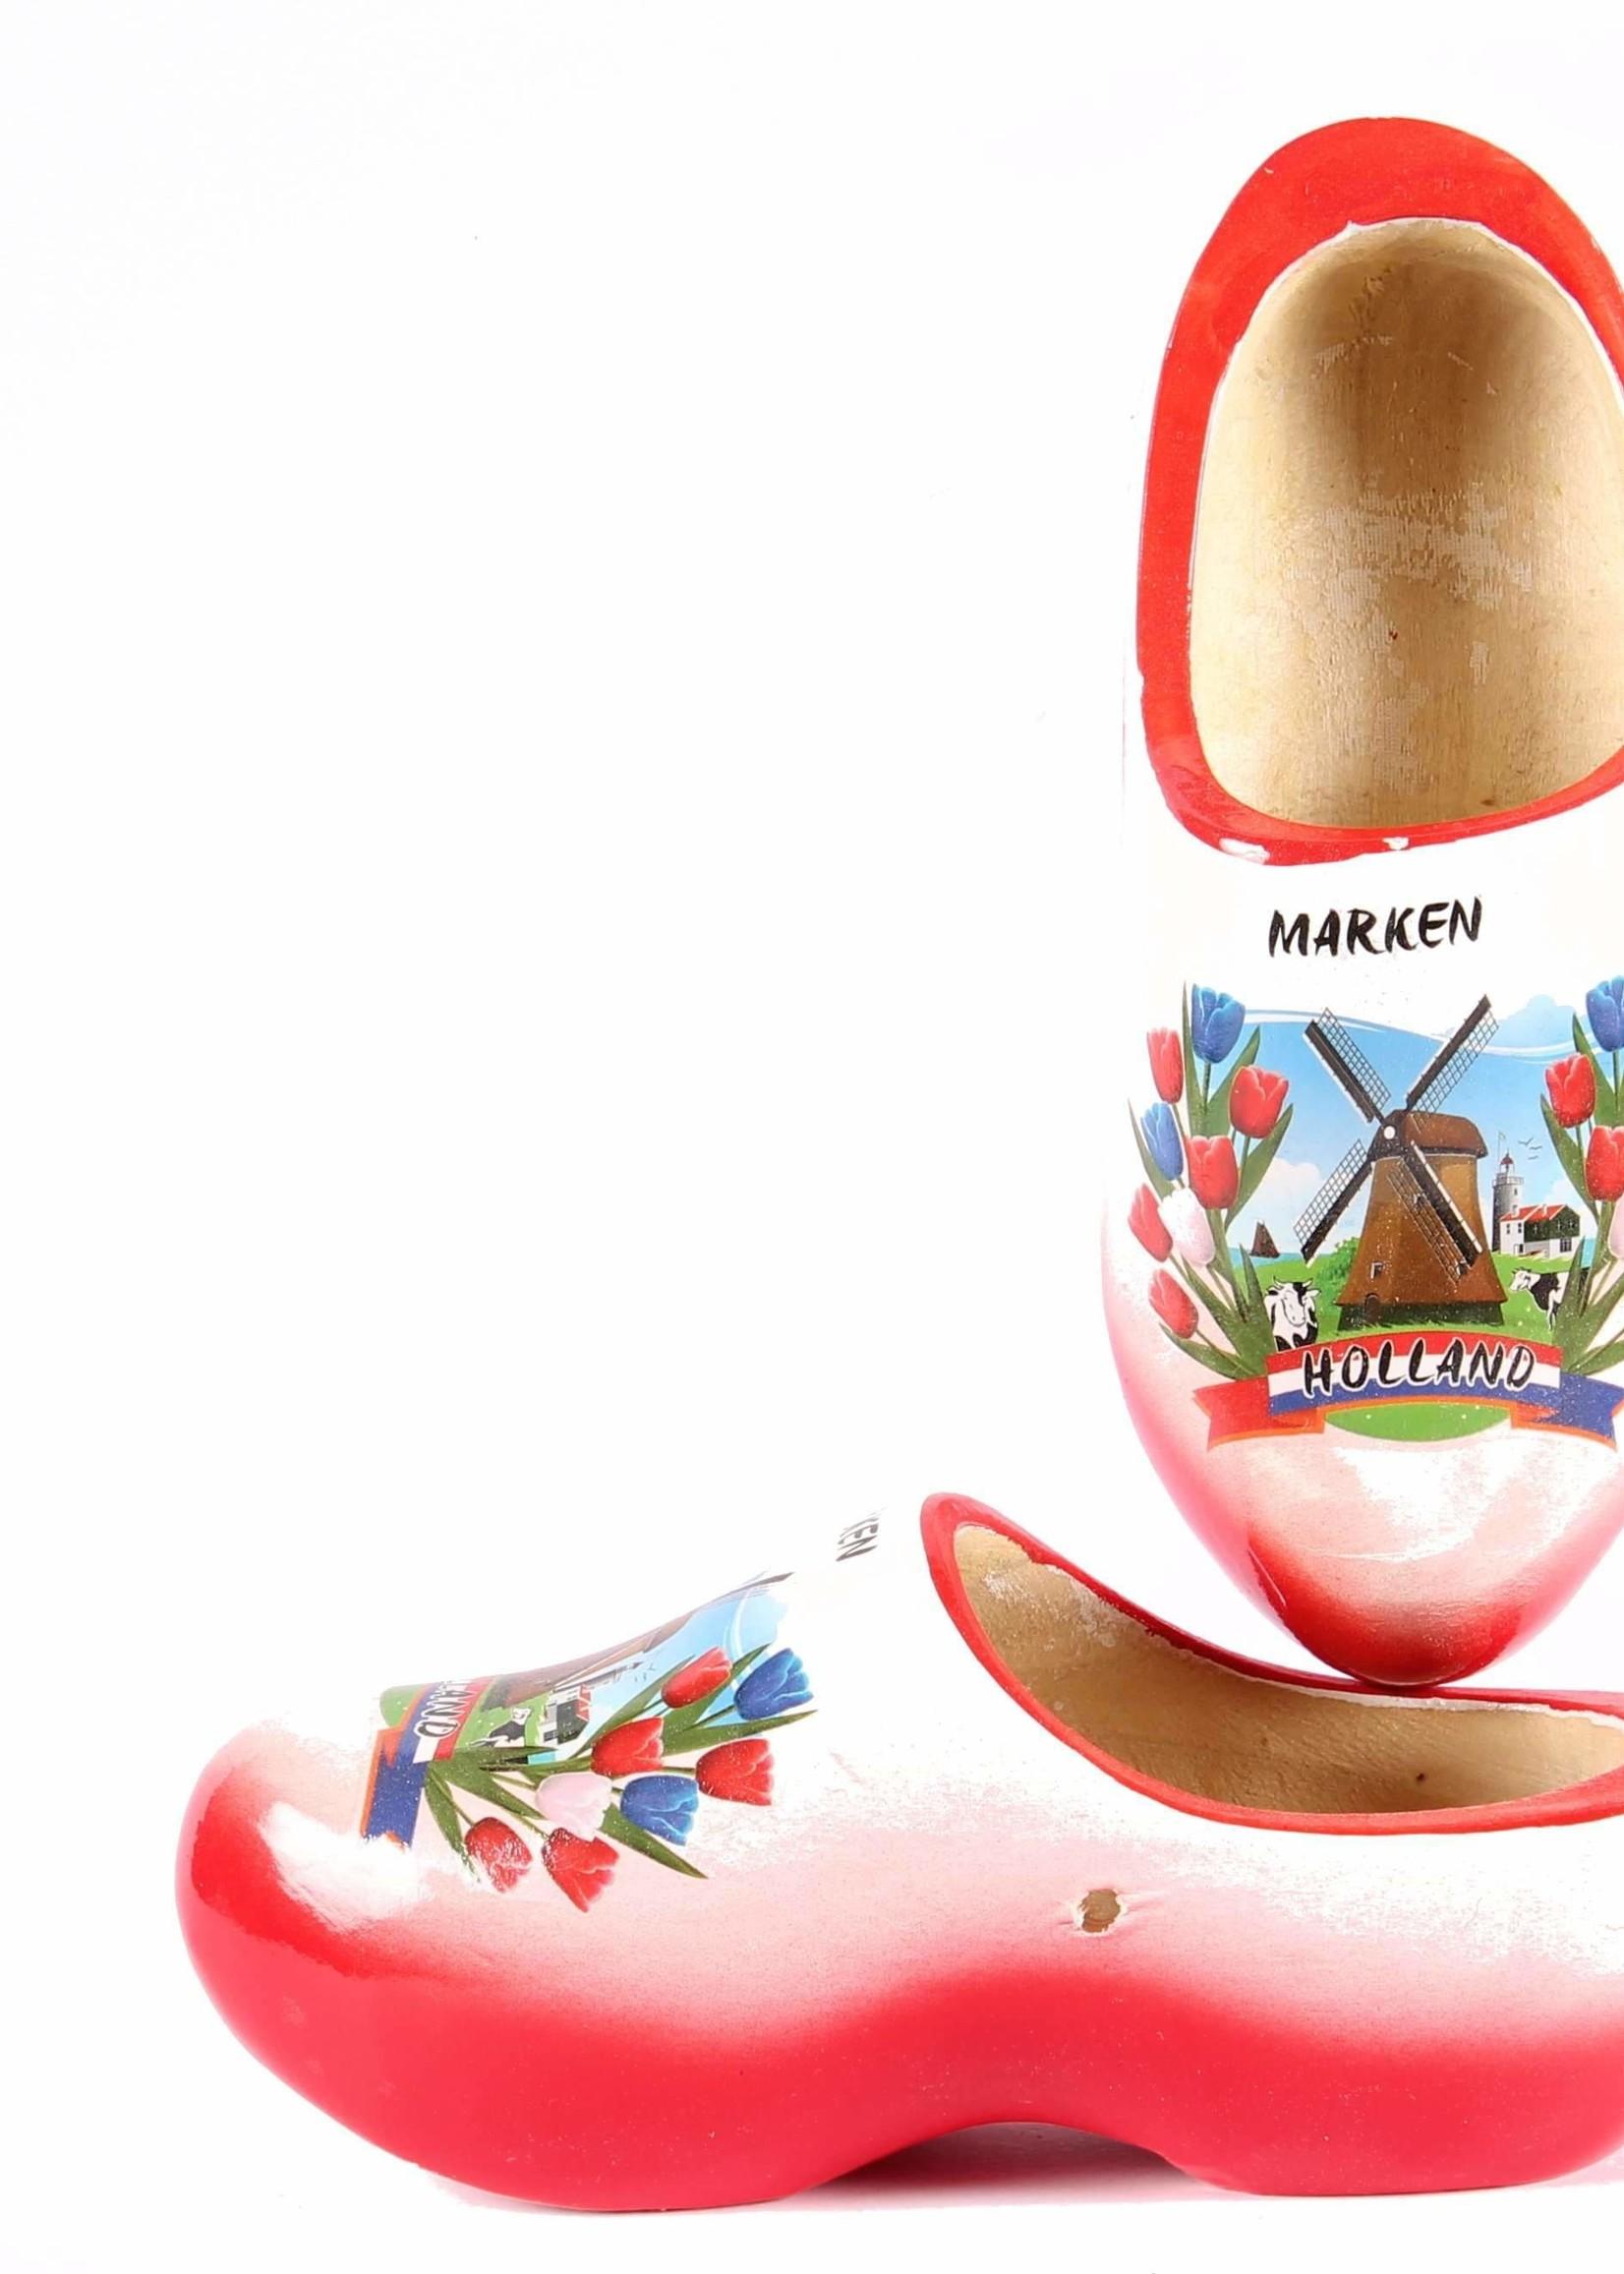 Wooden Shoe Factory Marken Klompen Marken Rood Wit